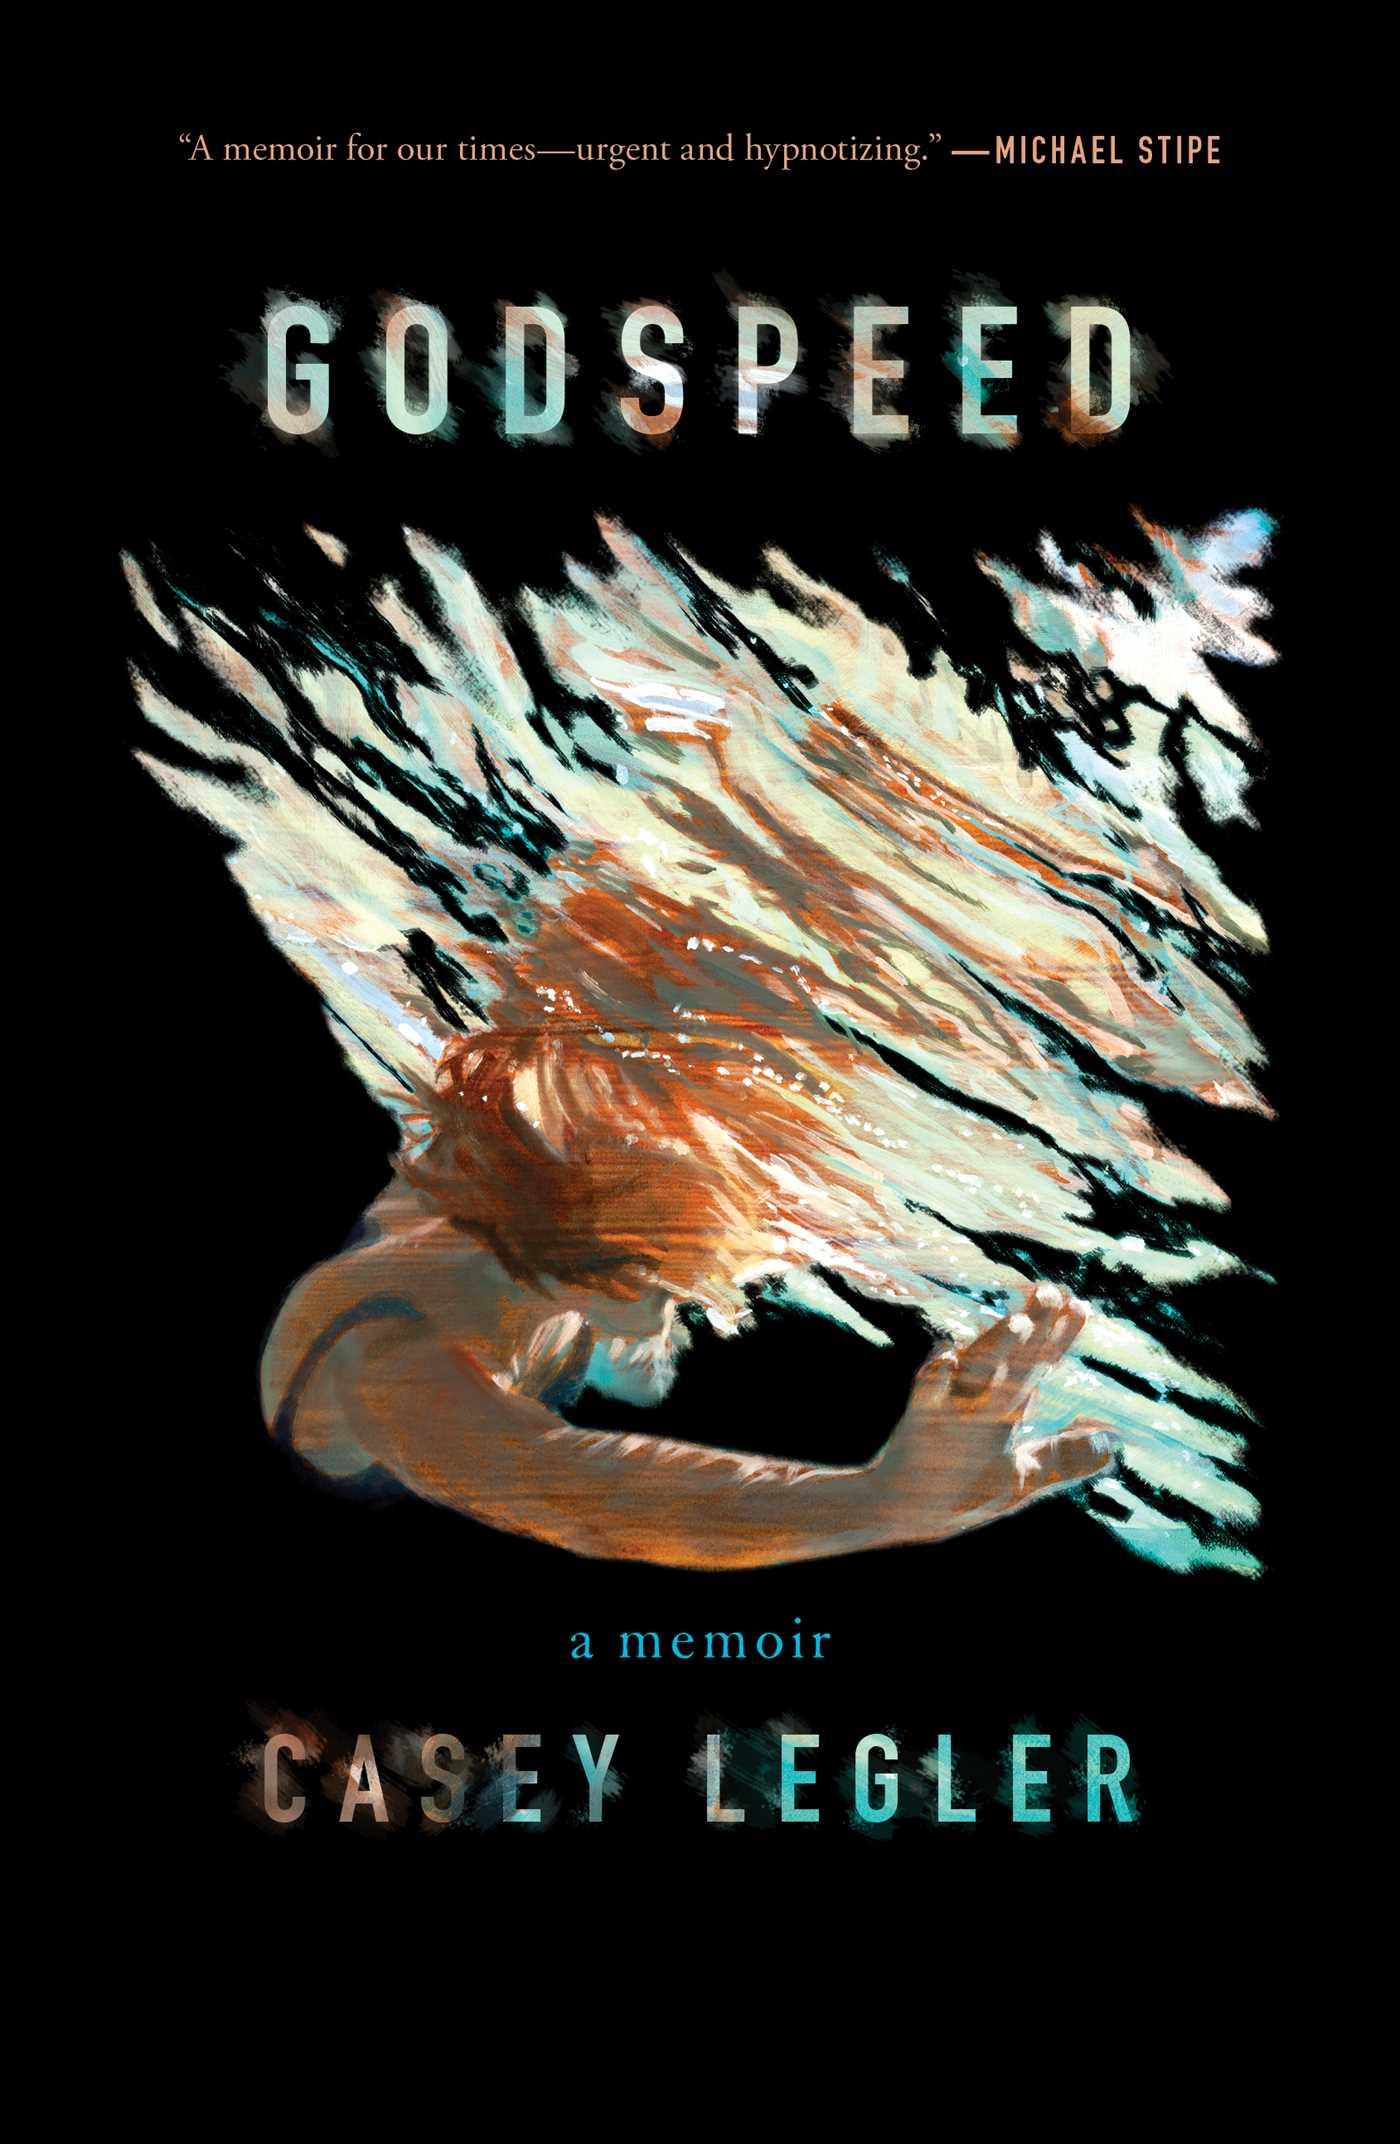 Godspeed 9781501135750 hr